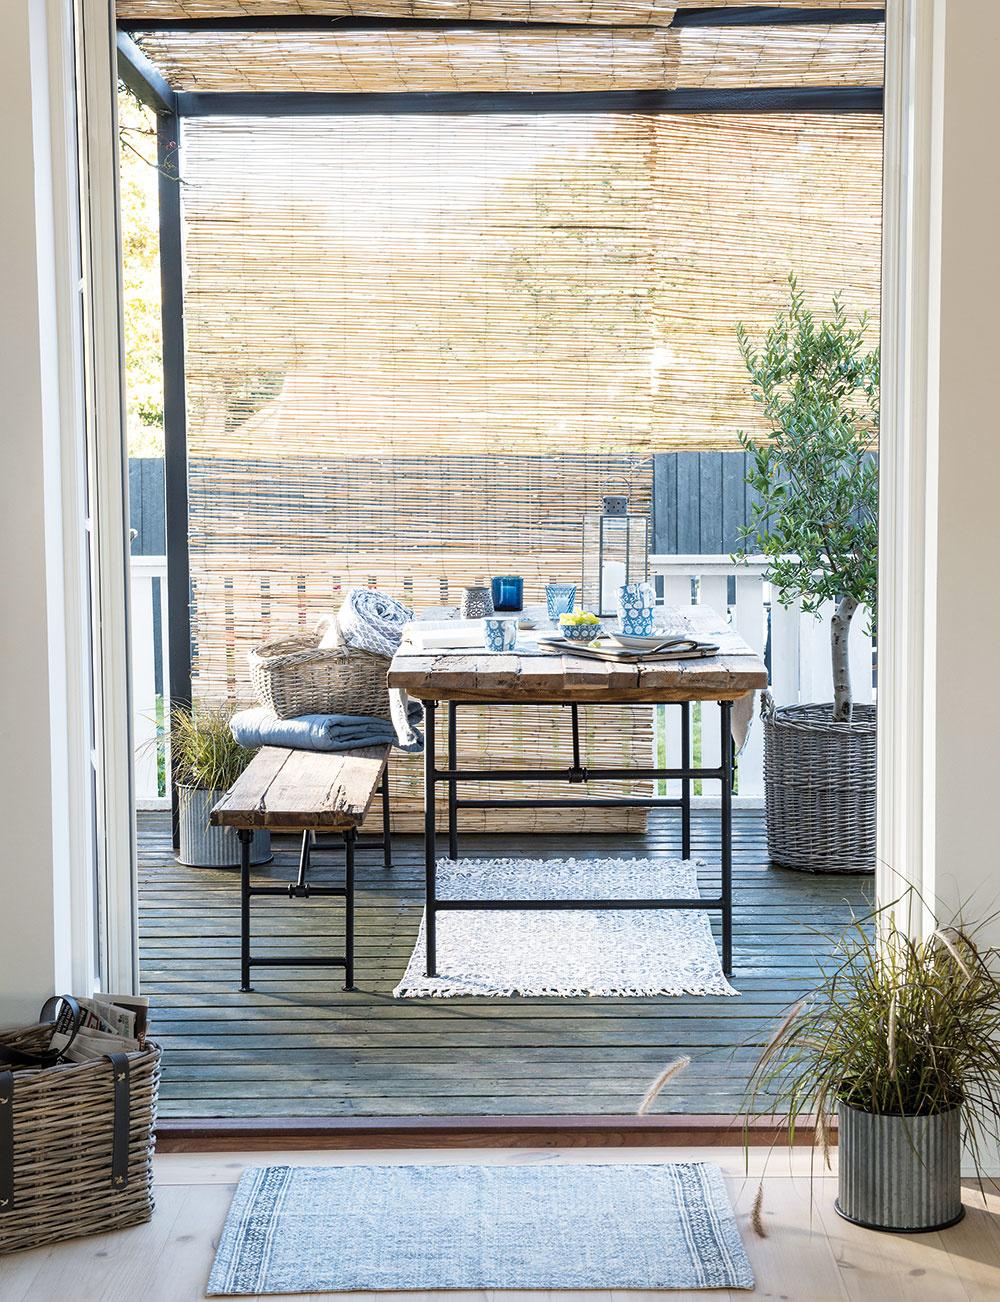 Exteriérové sedenie s dávkou patiny? Prečo nie. Siahnuť môžete po tvarovo jednoduchom nábytku, ktorý kombinuje drevo a kov. Nezabudnite na výsadbu napríklad v efektných kovových kvetináčoch alebo prútených košoch. Modely od značky Ib Laursen nájdete na www.bellarose.sk.